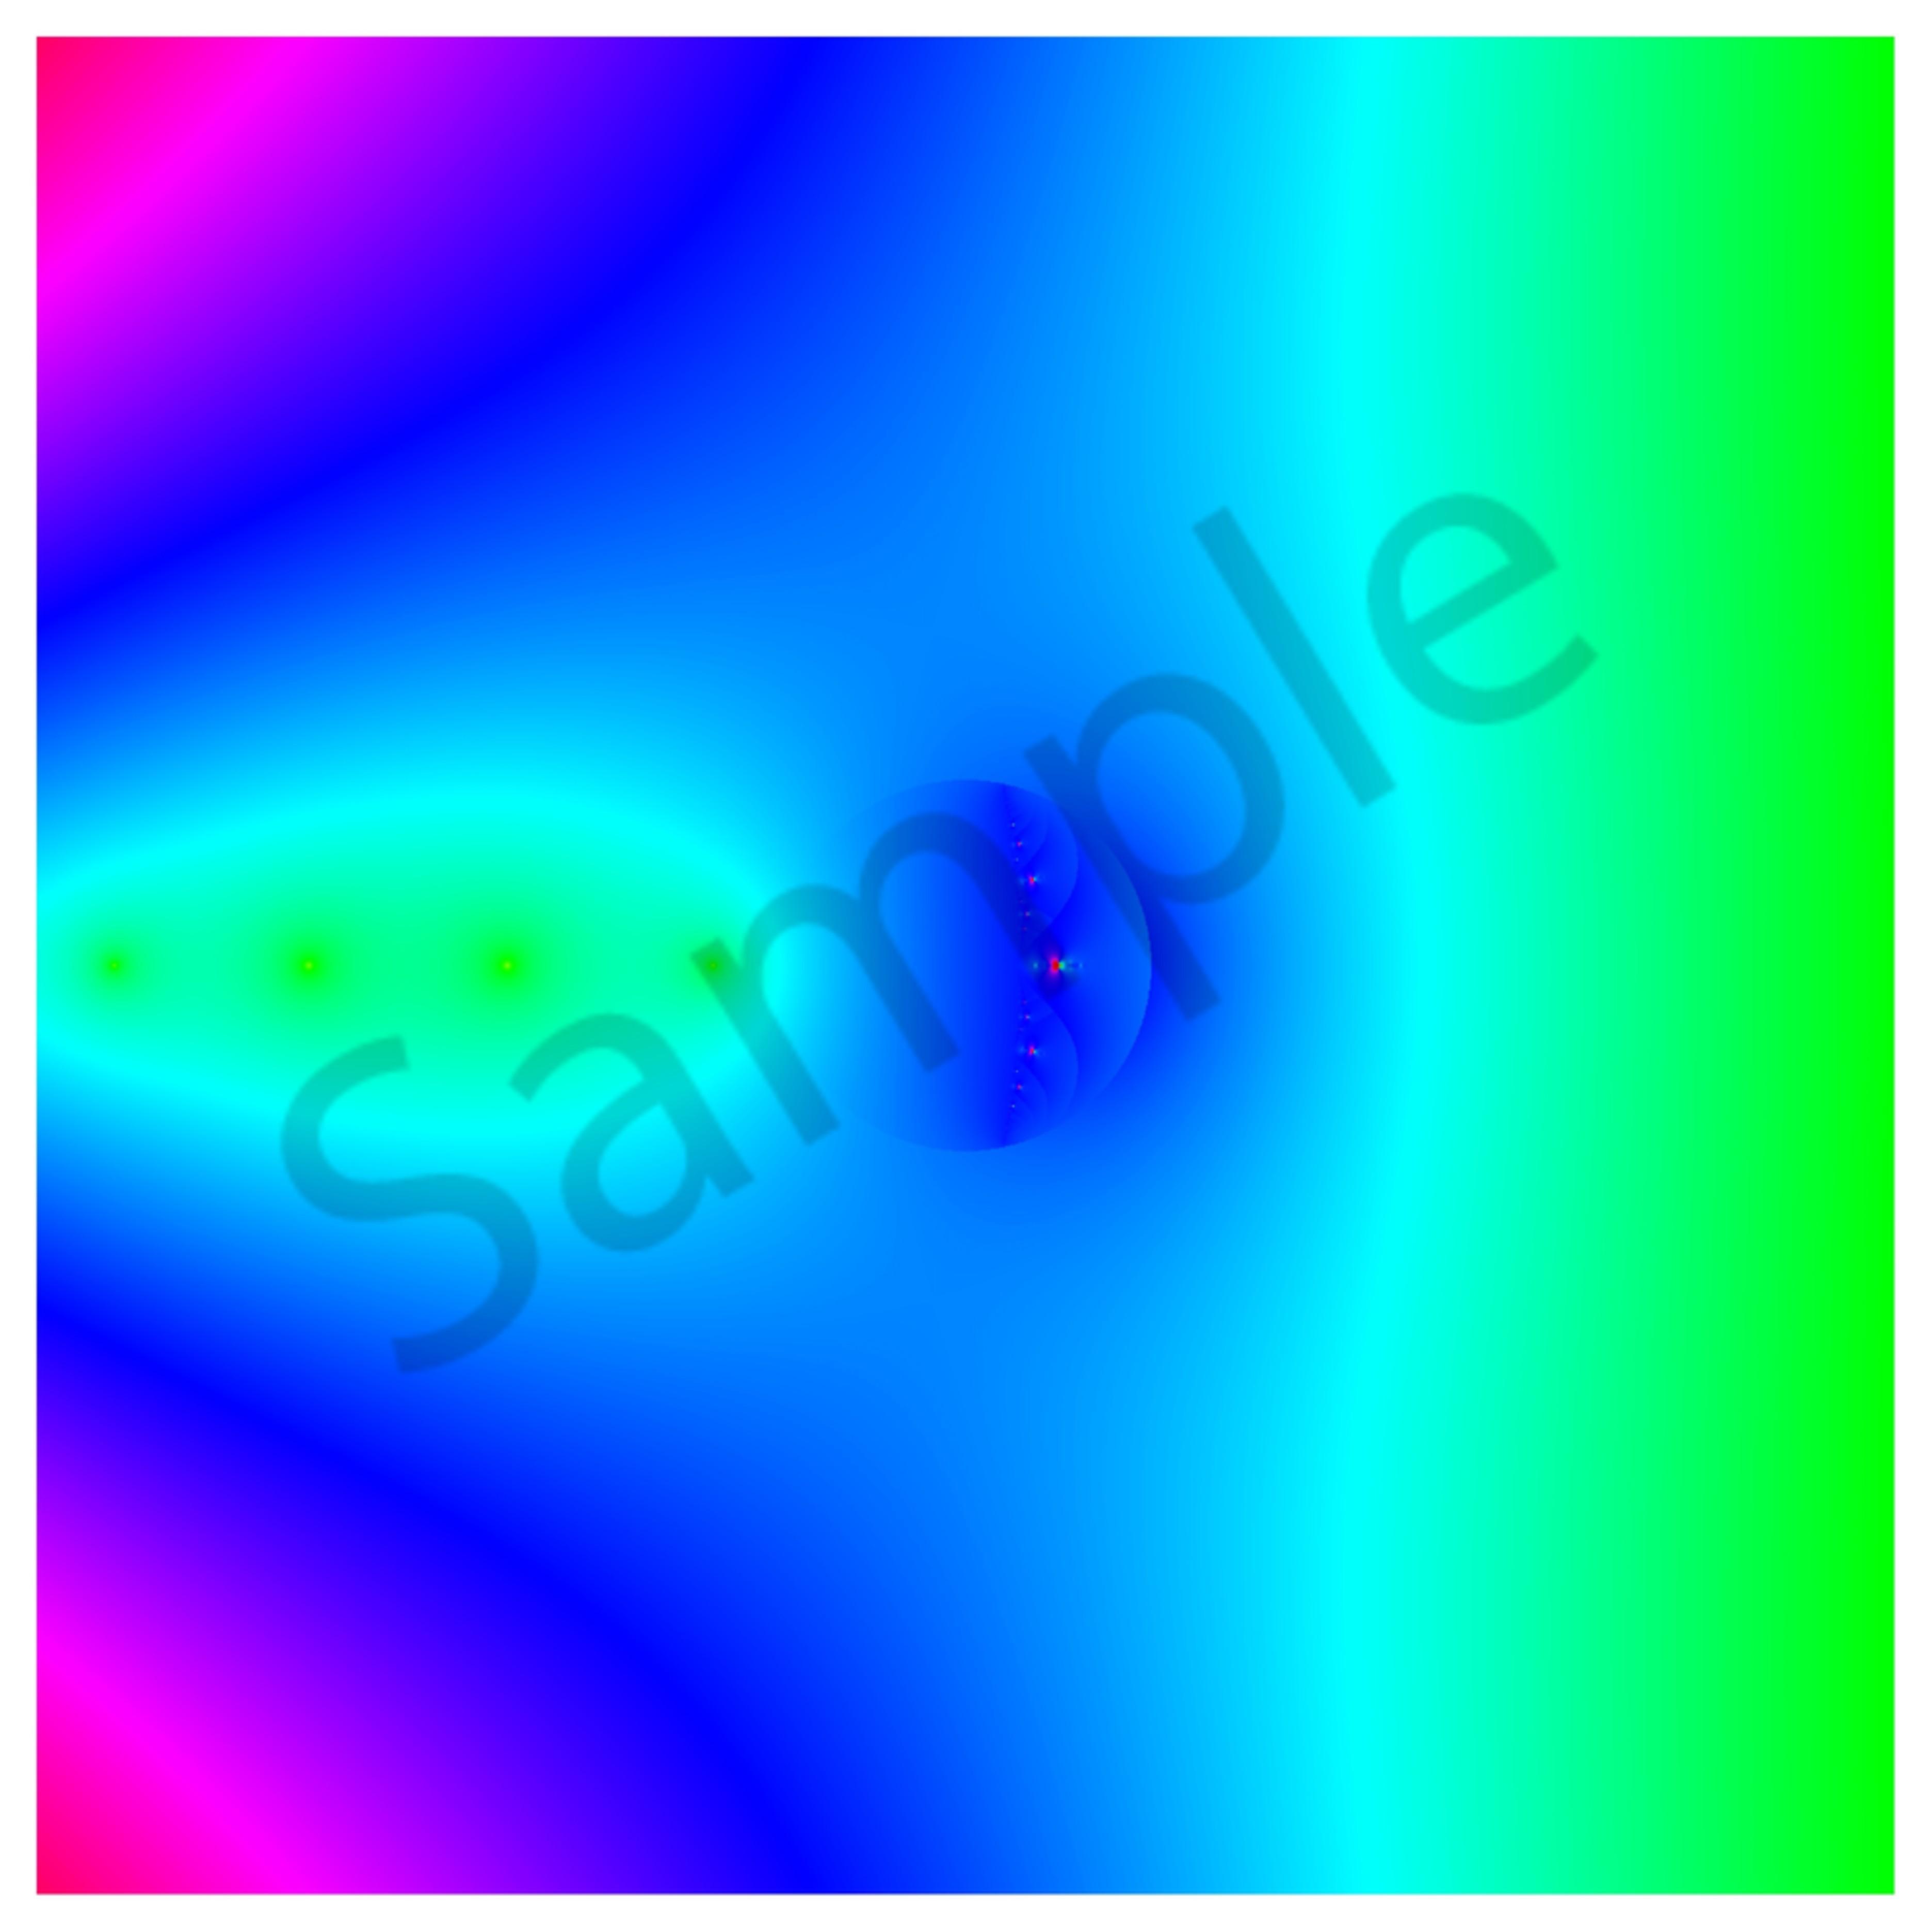 Mandelbrot algorithm   lyap.   zeta function    10 10  10 10 klqpgw